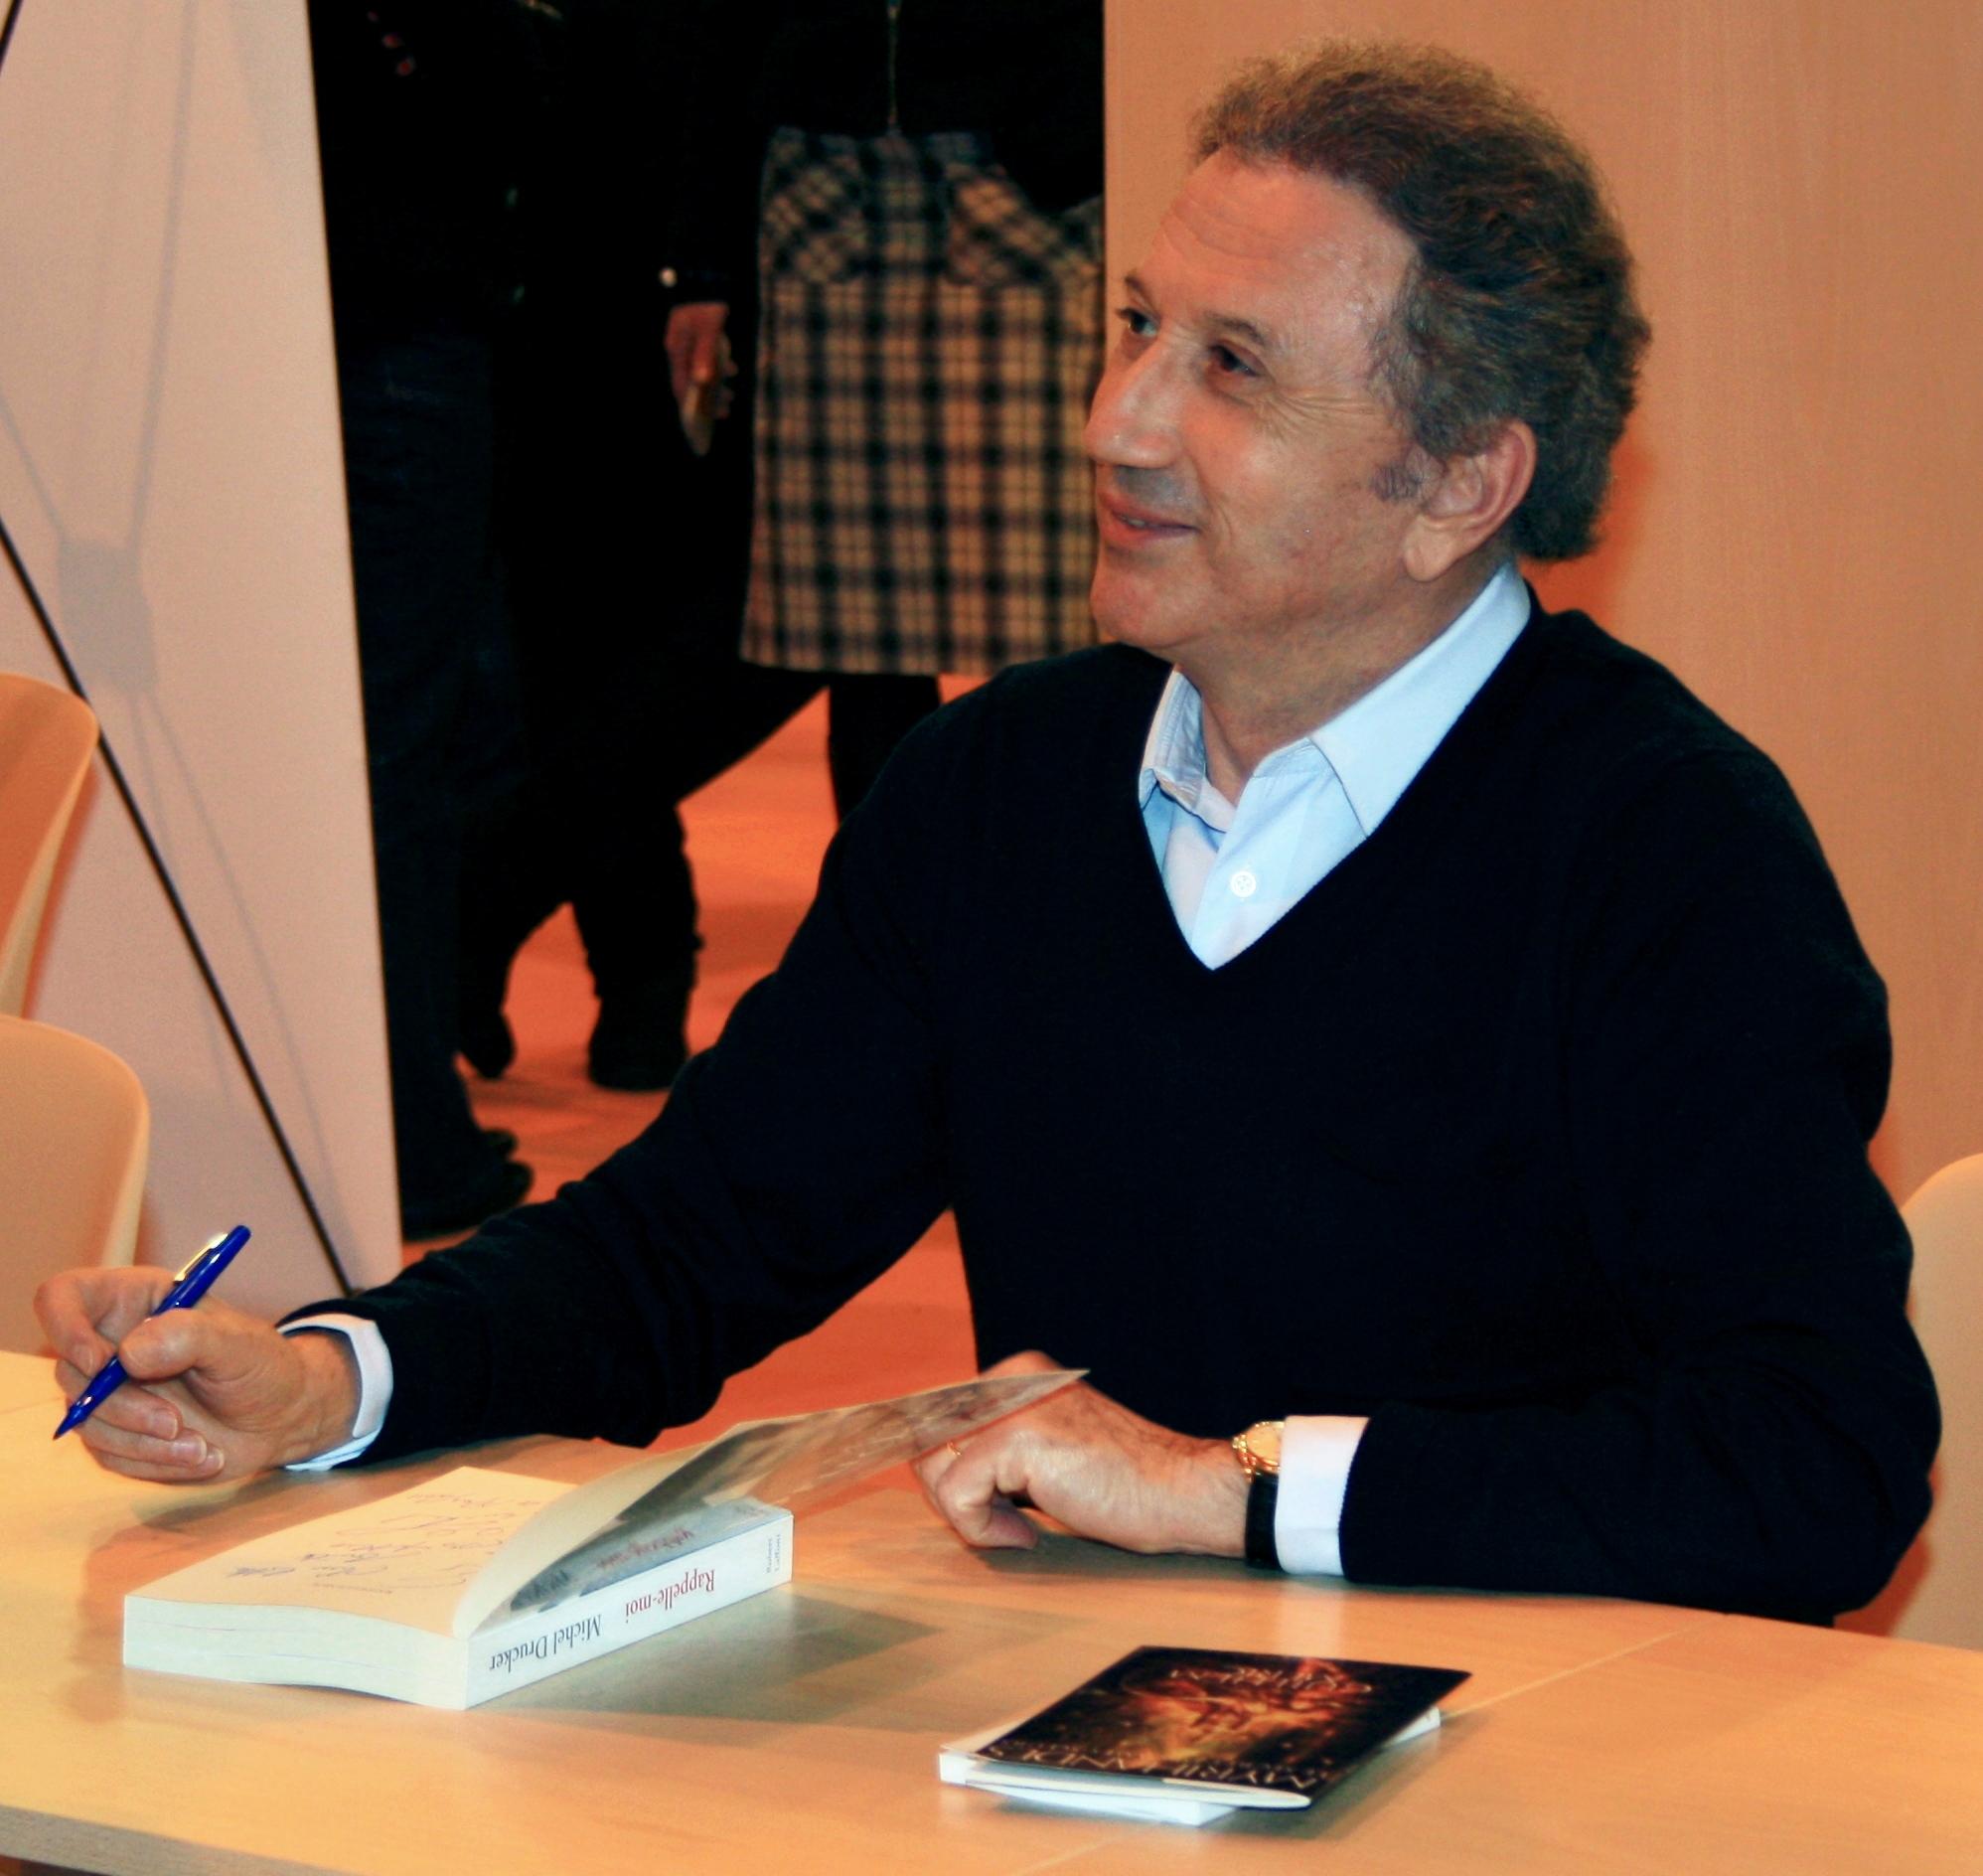 Michel Drucker Wikipedia